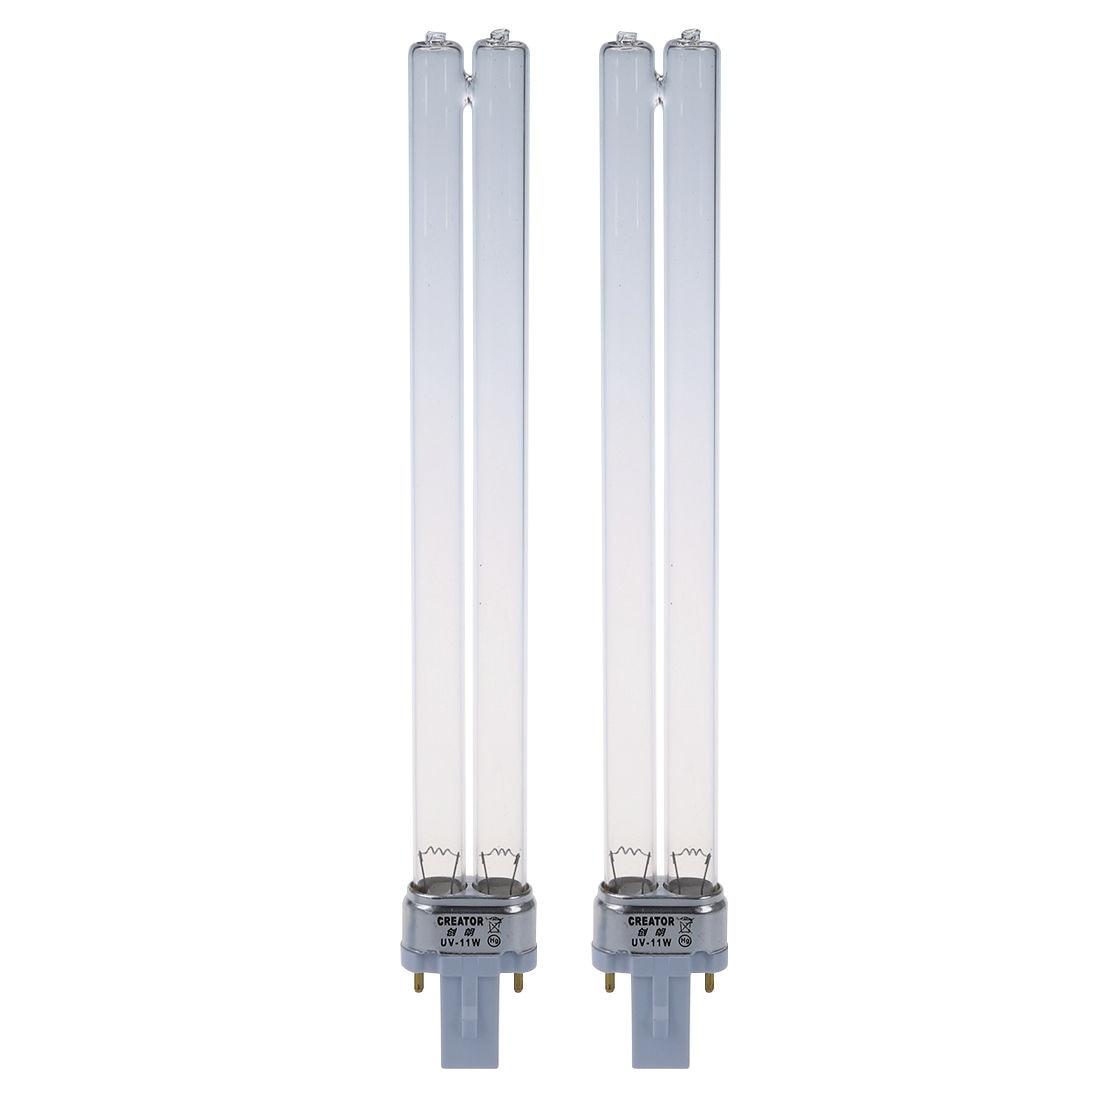 Wholesales 2pcs 11W Base of G23 Bulb Light UV Sterilizer UV Lamp for AquariumWholesales 2pcs 11W Base of G23 Bulb Light UV Sterilizer UV Lamp for Aquarium